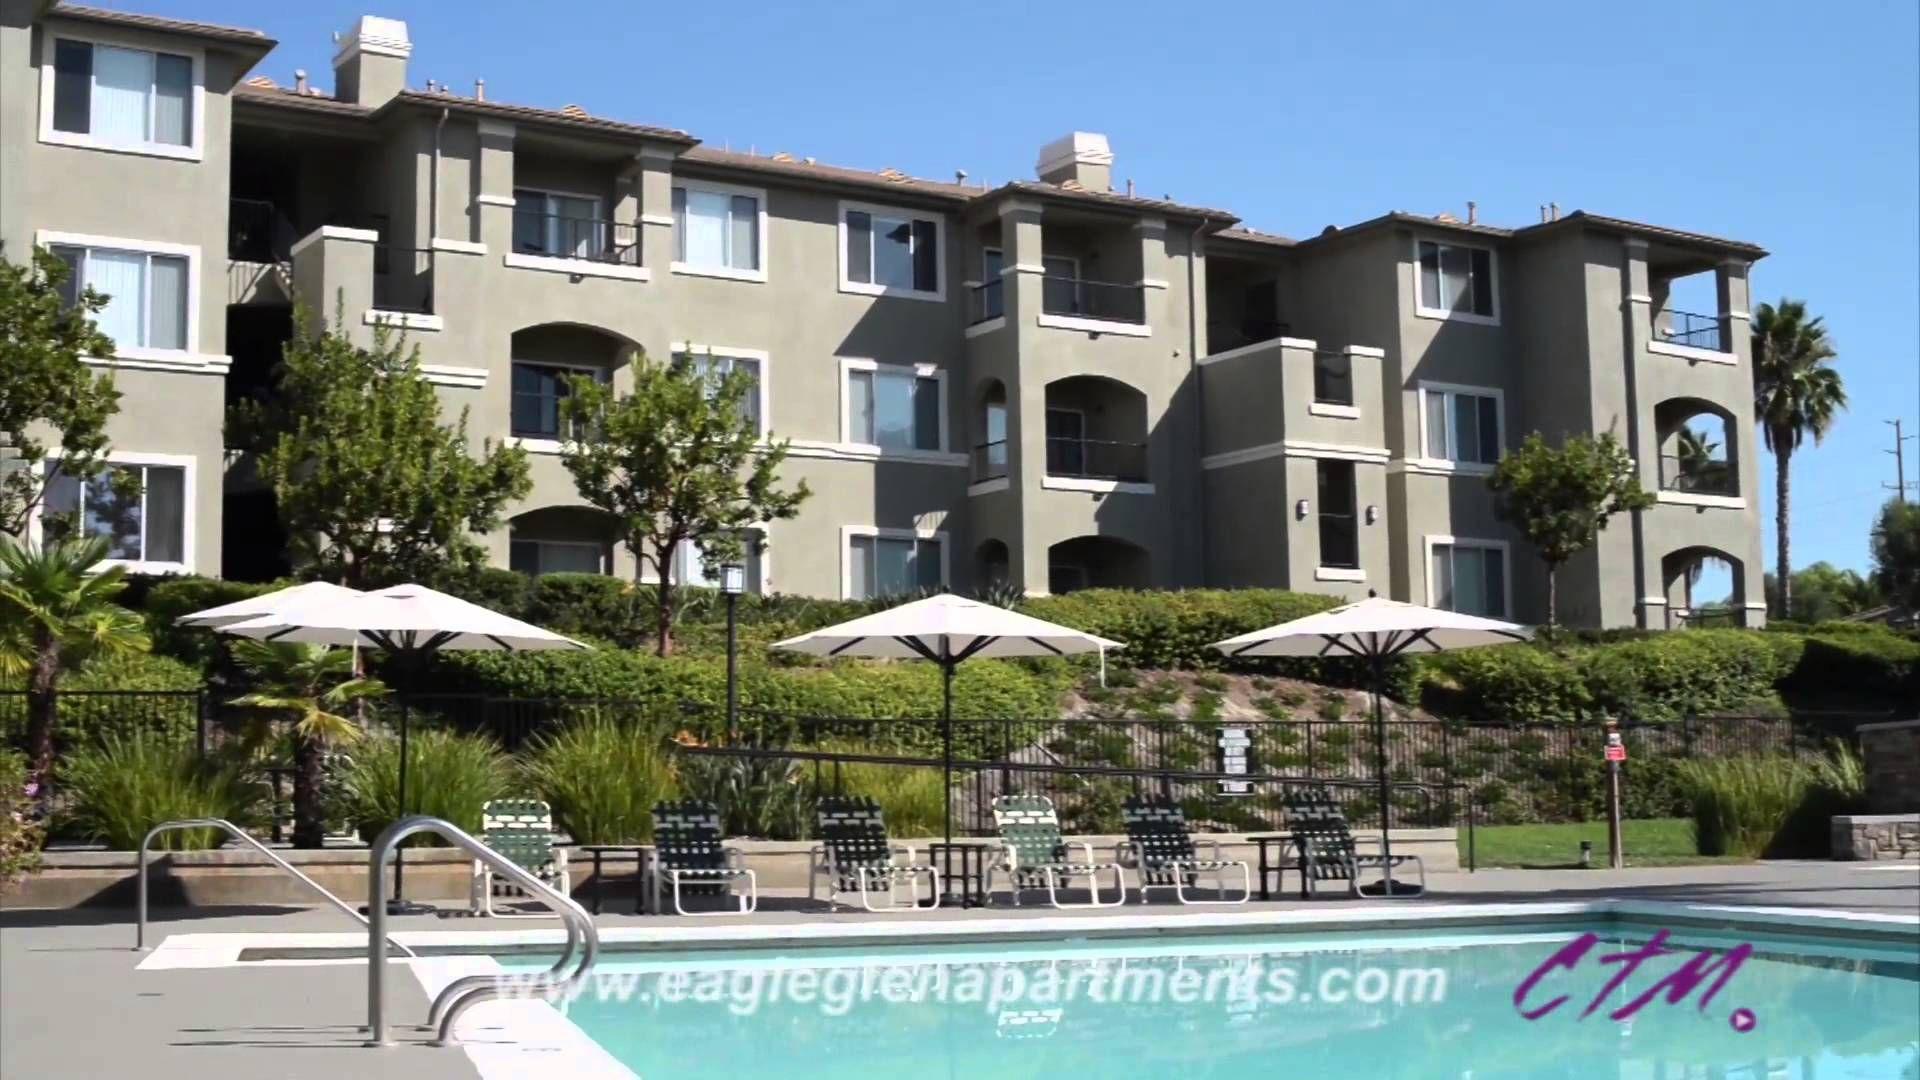 Eagle Glen Murrieta Ca Apartments Greystarapartments Apartmentsforrent Luxuryapartments Apartment Luxury Apartments Apartment Apartments For Rent